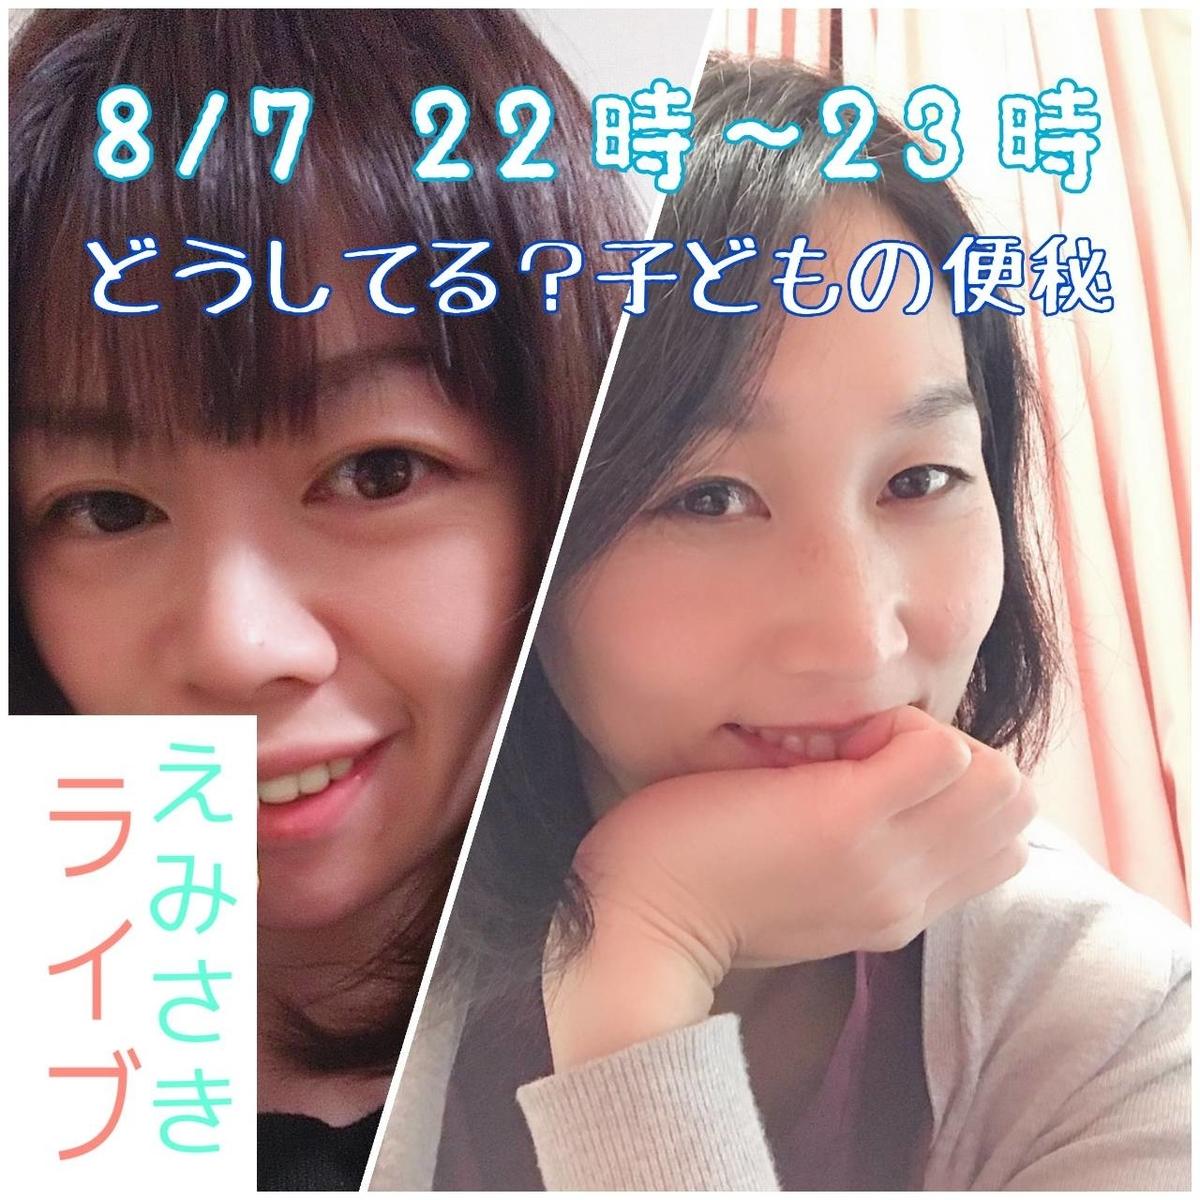 f:id:nagasaki-harikyusekkotsuin:20200803121318j:plain